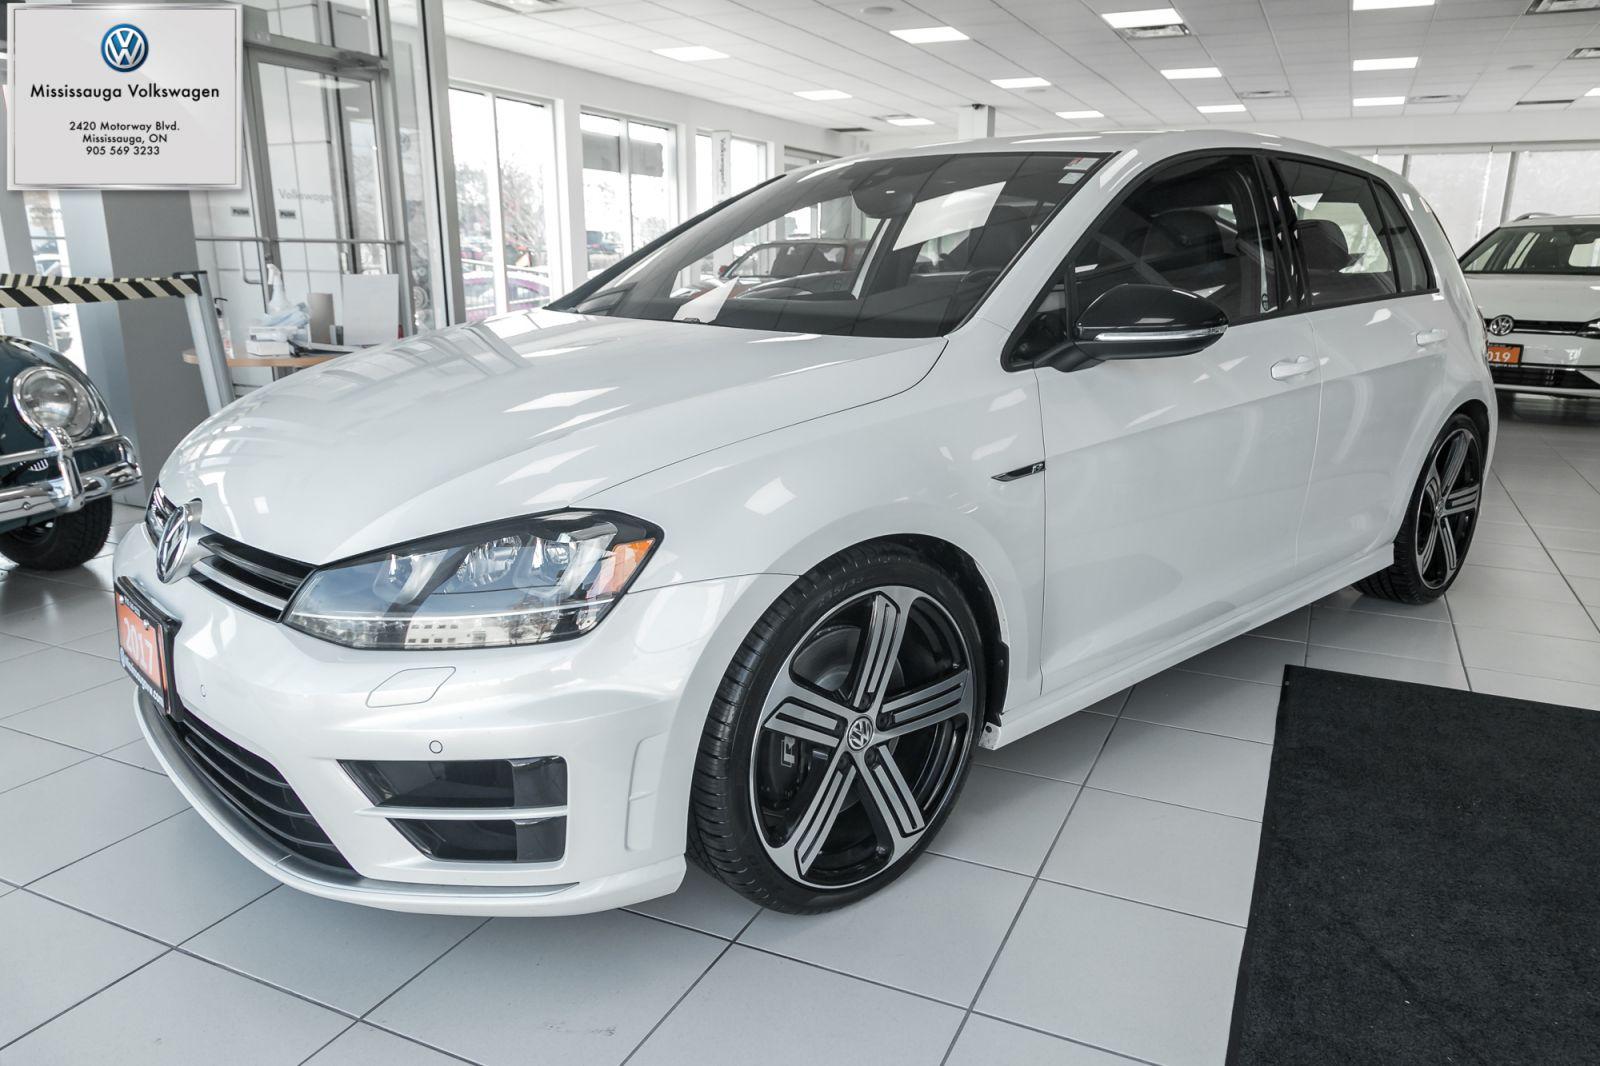 2017 Volkswagen Golf R Image